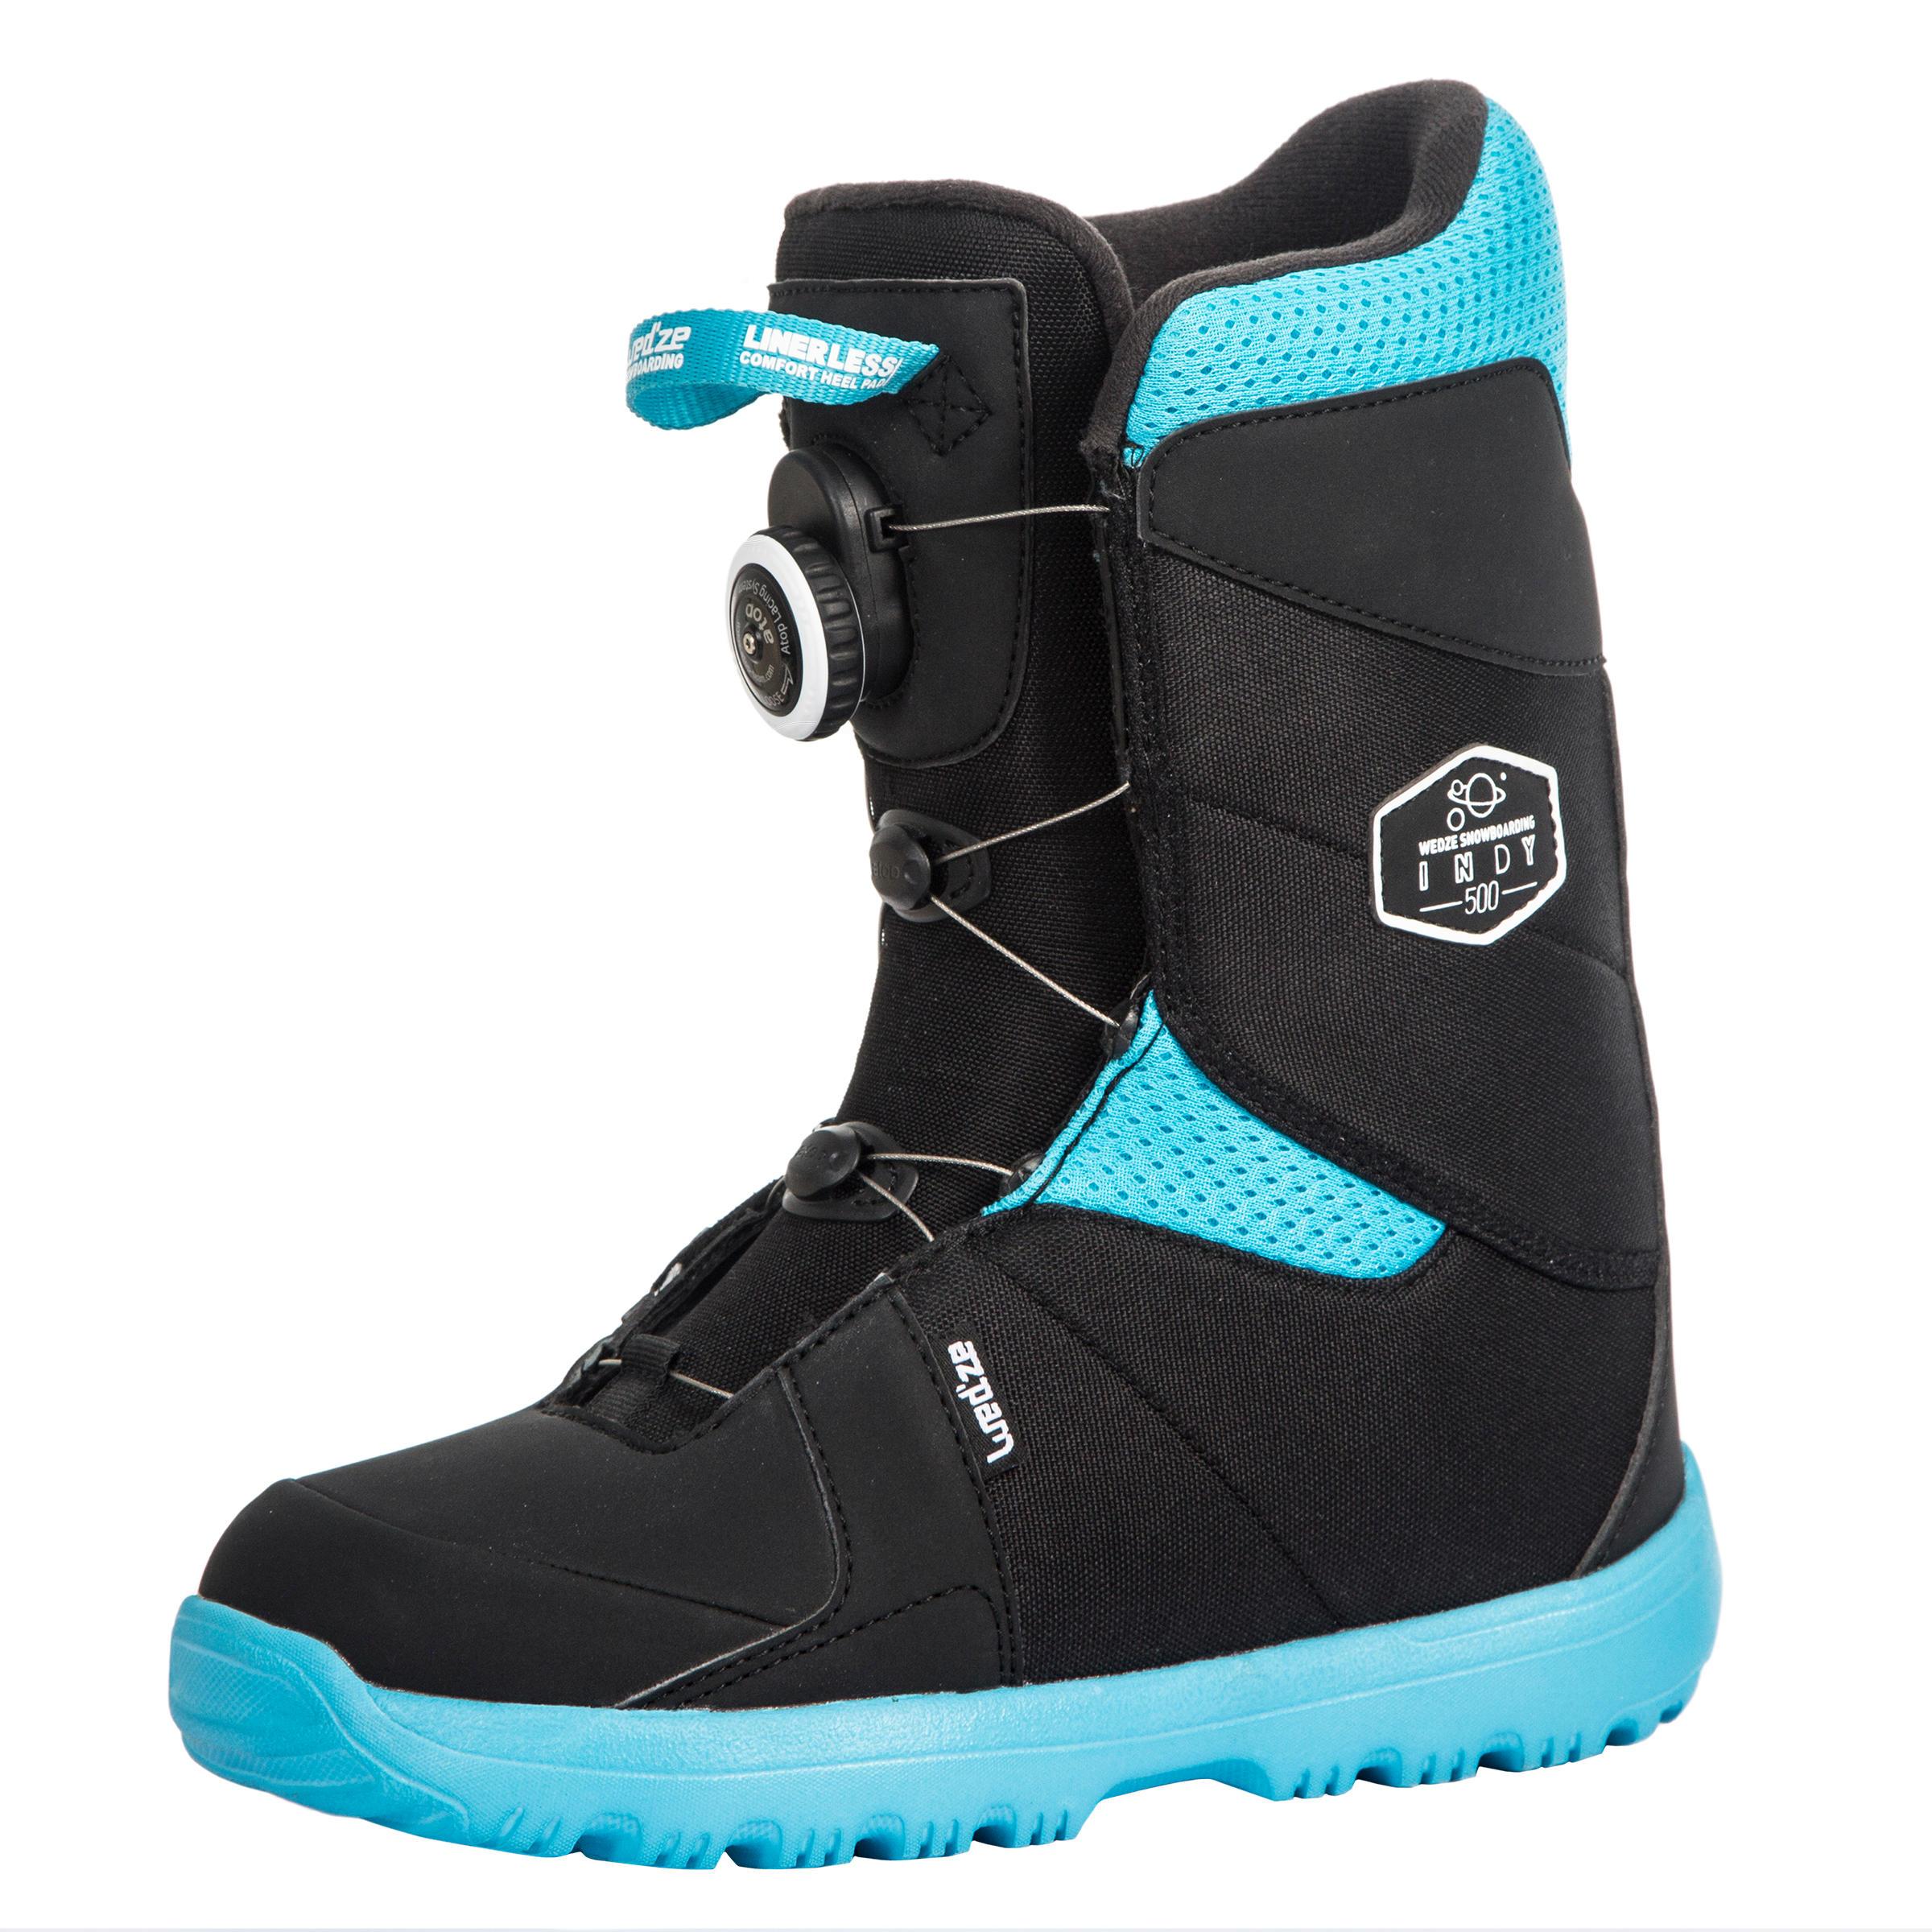 Jungen,Kinder,Kinder Snowboardschuhe Fast Lock Indy 500 Kinder schwarz blau   03608449864190